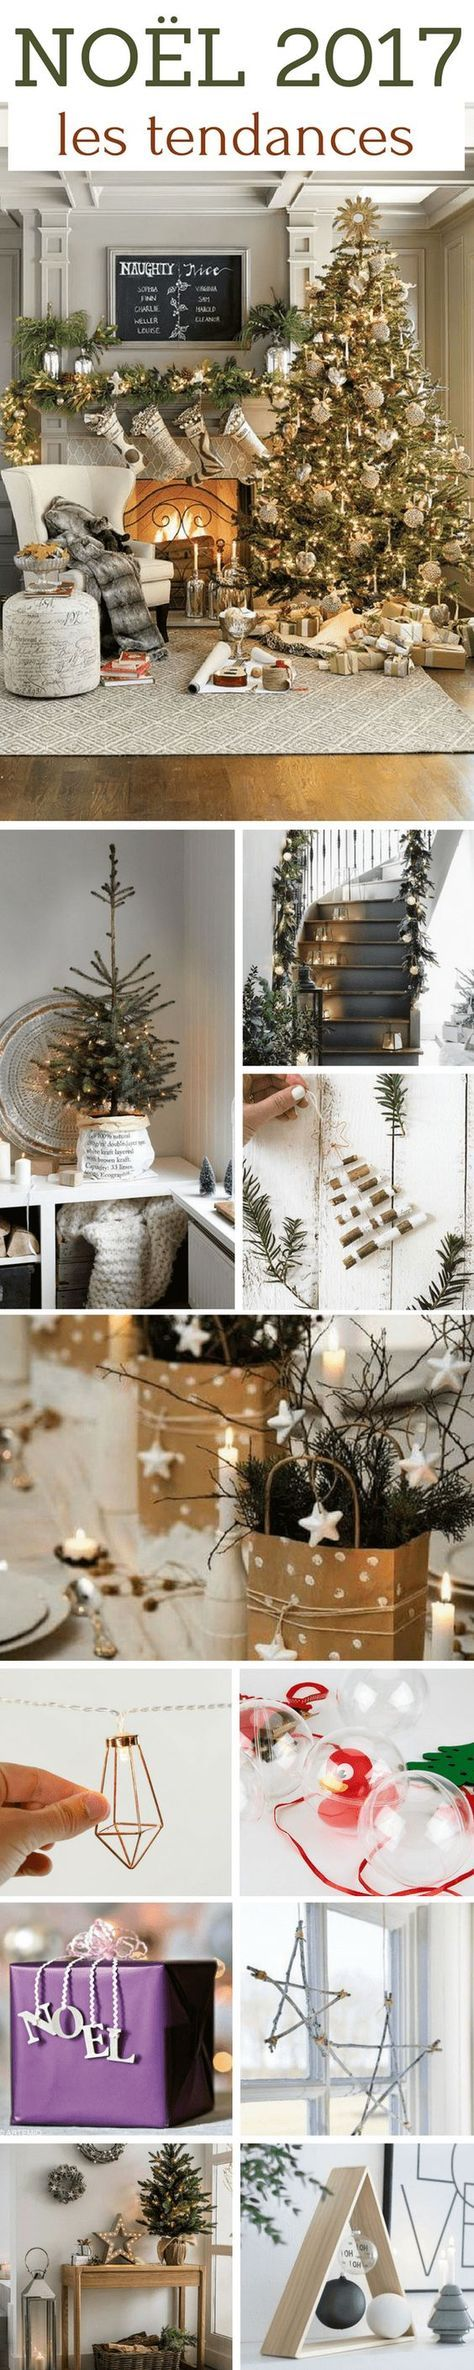 Noël 2017 - les premières tendances et idées à découvrir !